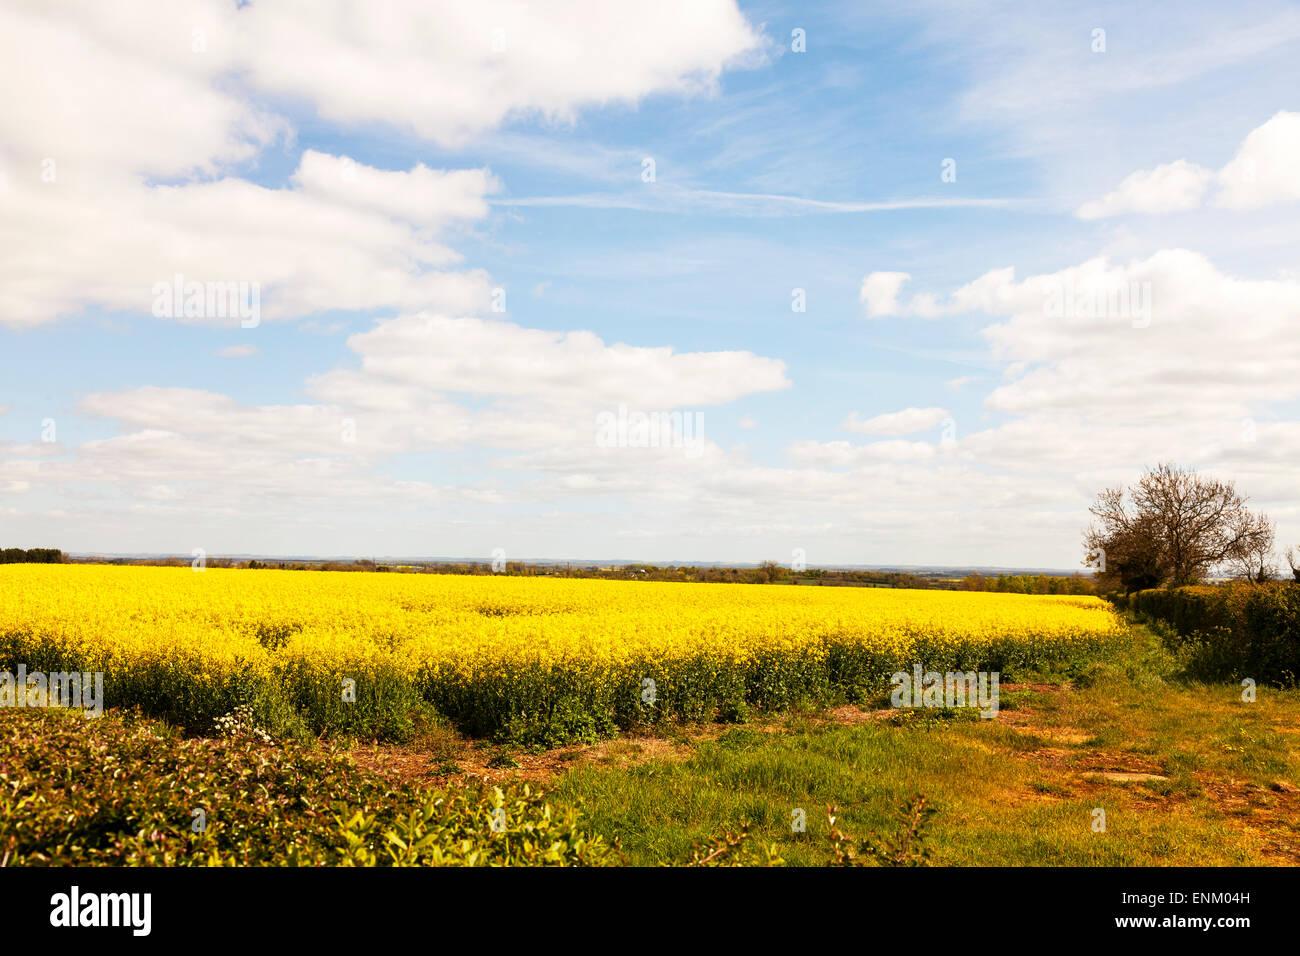 Oil seed rape field yellow flowers blue sky lincolnshire crop crops oil seed rape field yellow flowers blue sky lincolnshire crop crops mightylinksfo